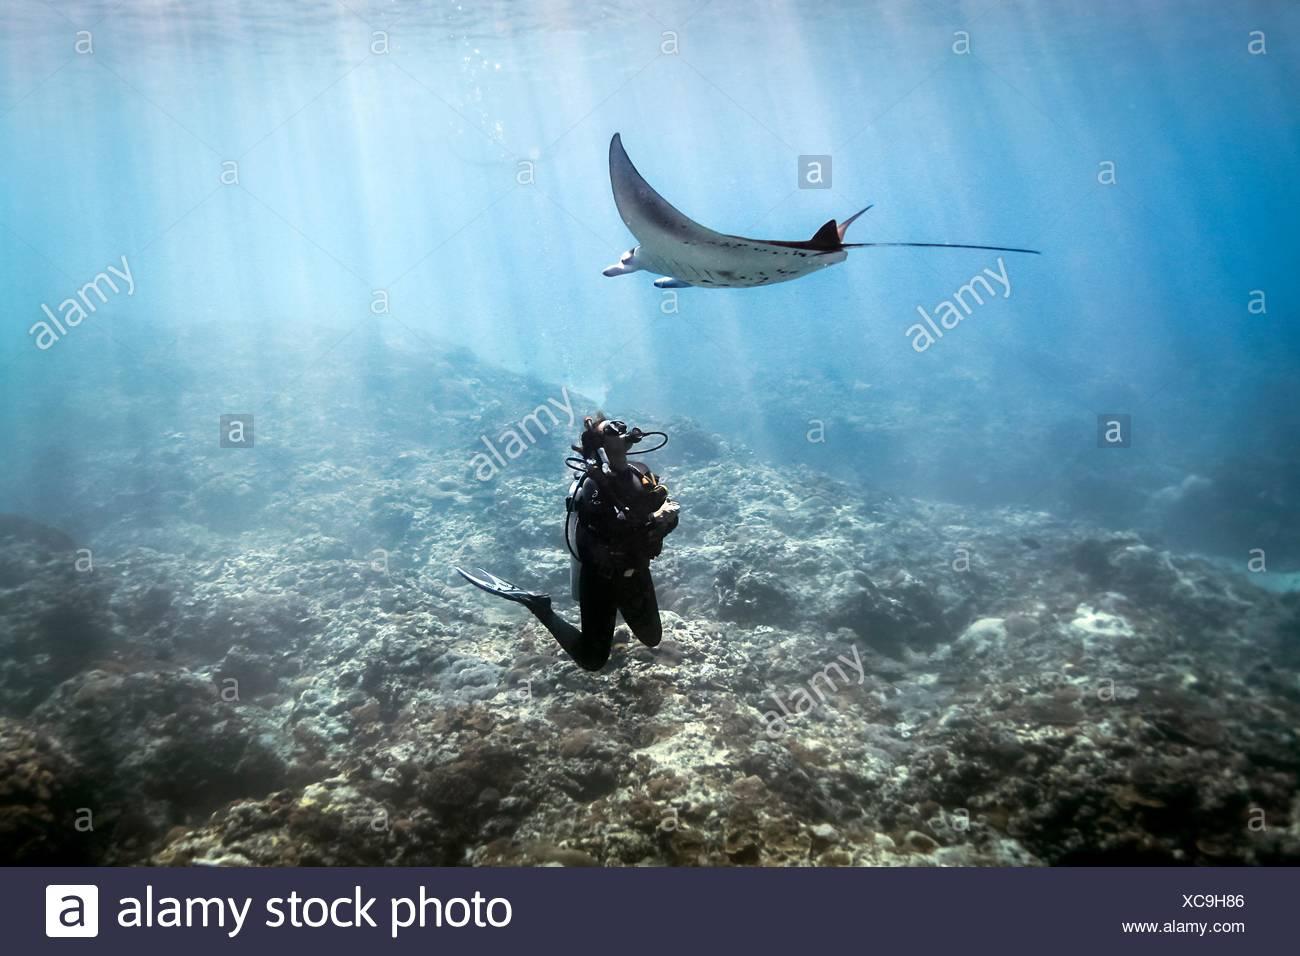 Une raie manta (manta alfredi) nager sur une scuba diver , Bali, Indonésie Photo Stock